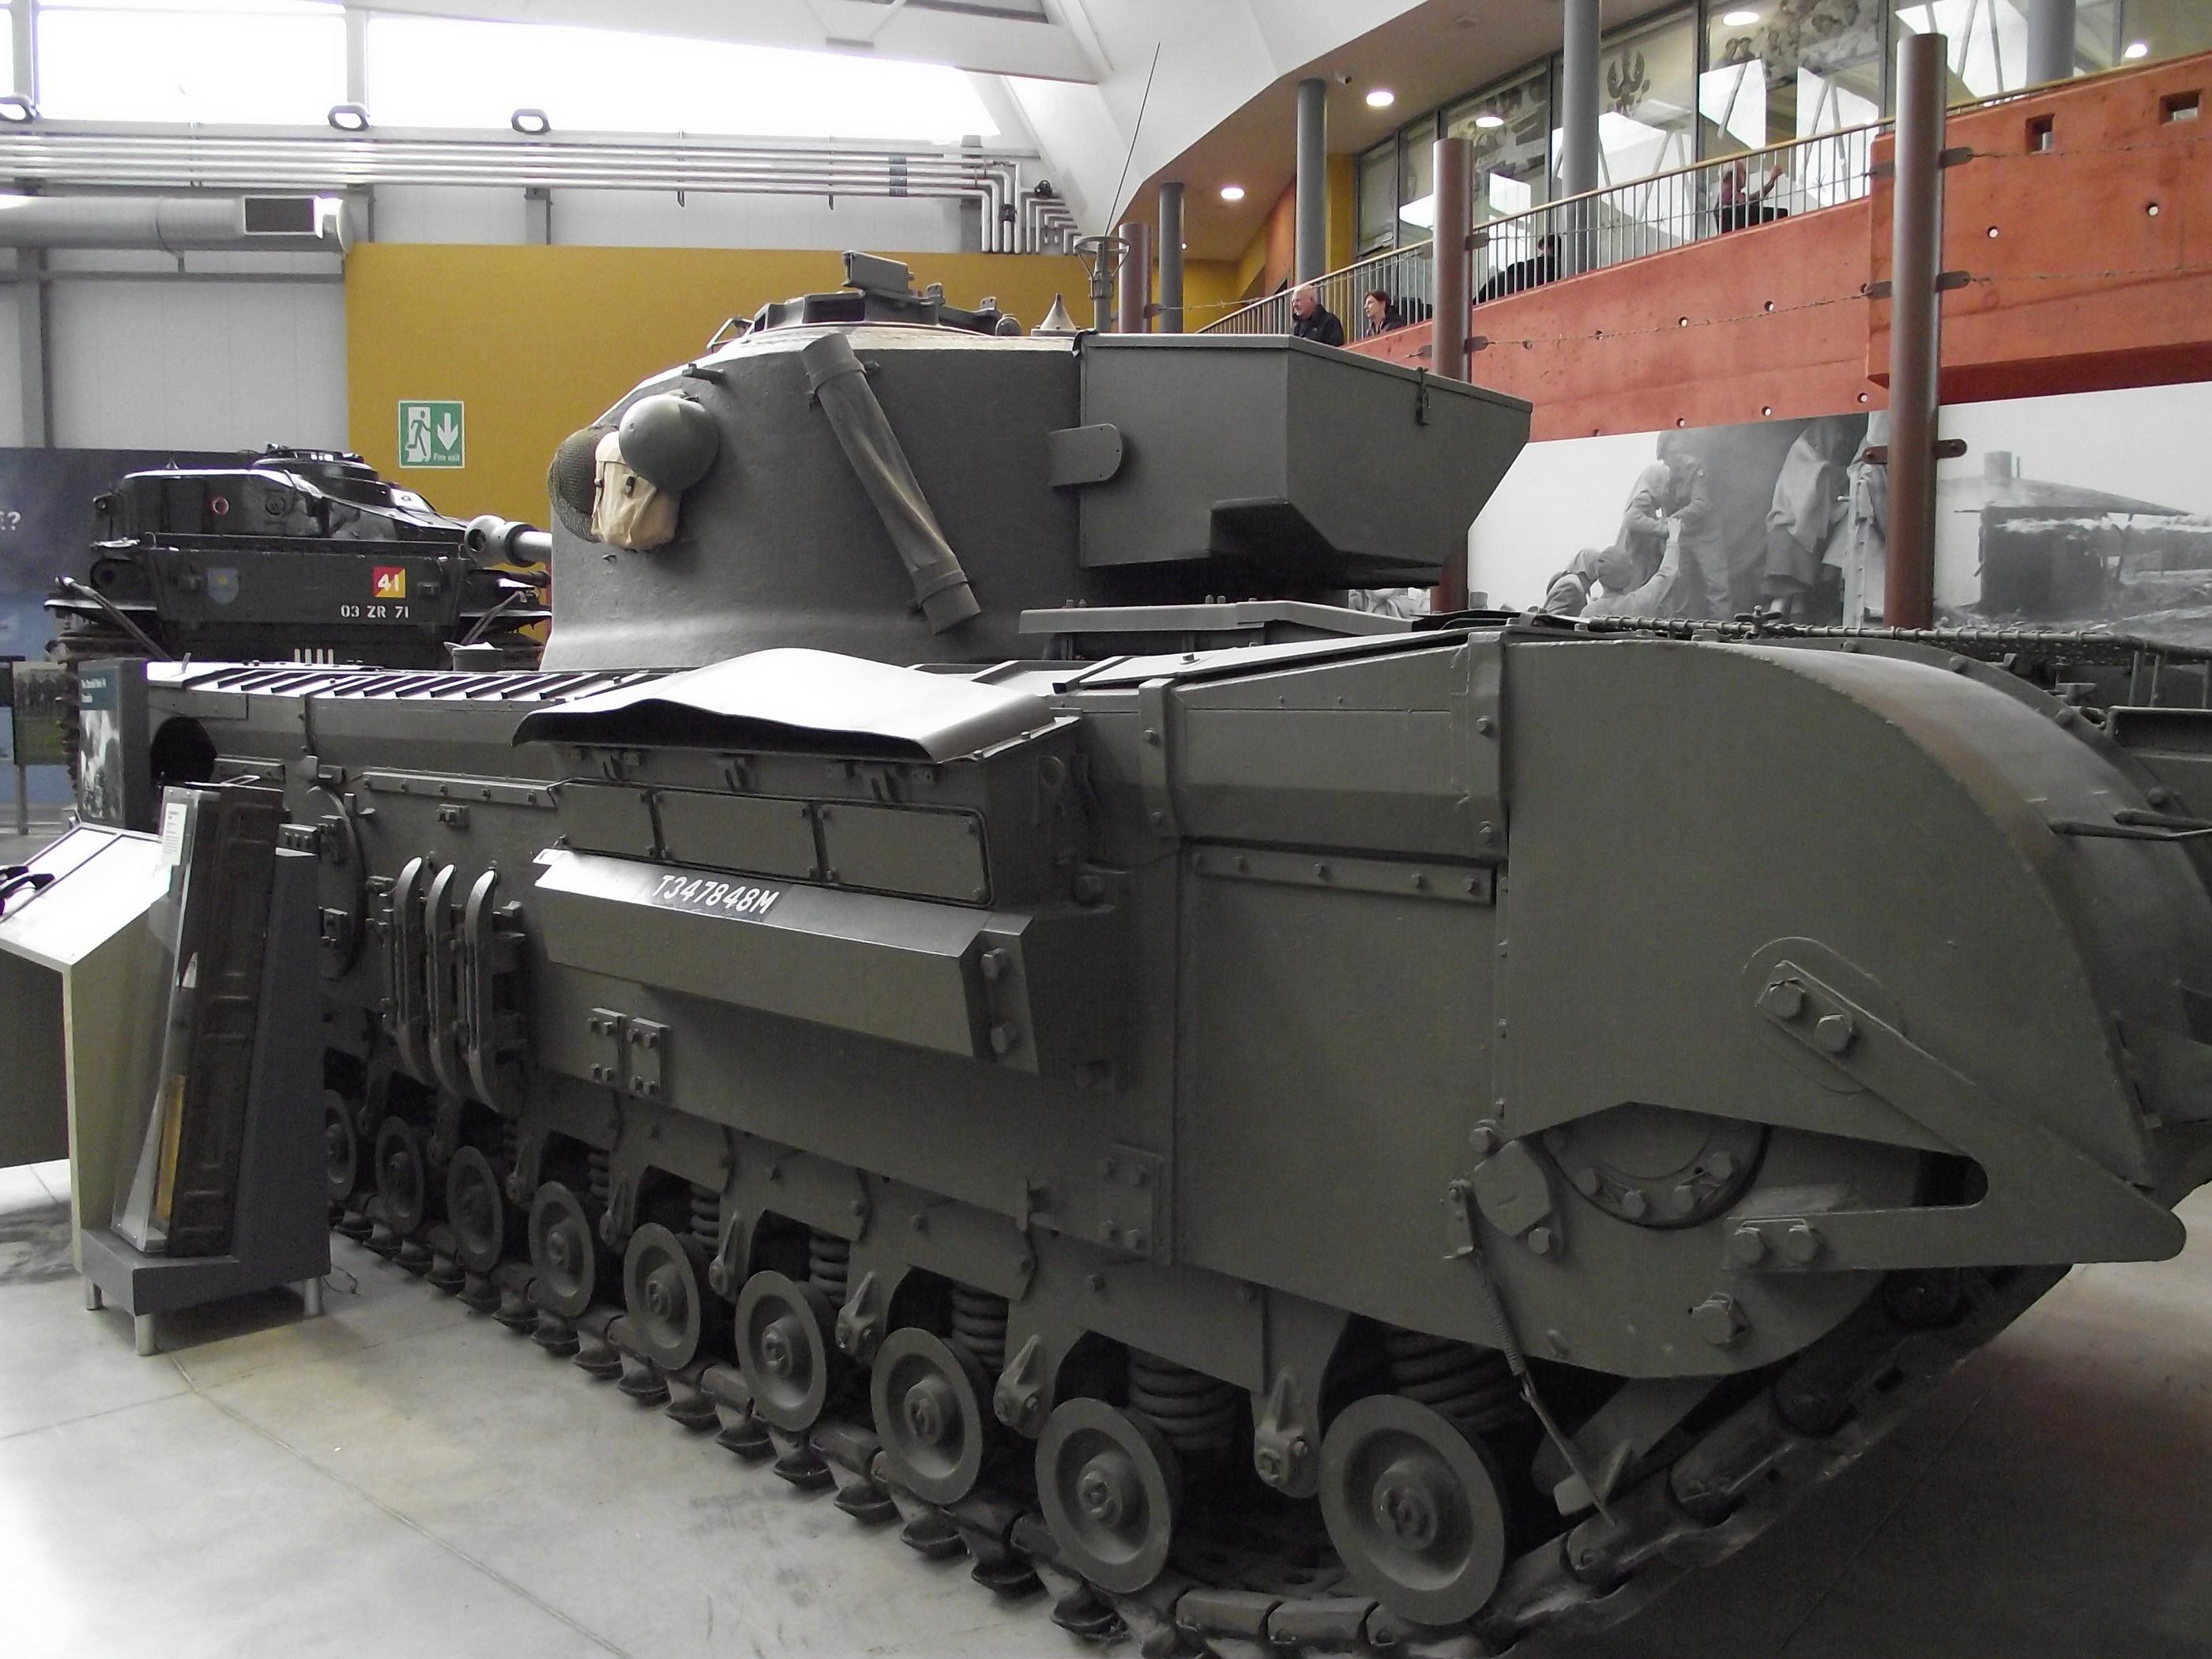 Tank_Museum_20180919_740.jpg